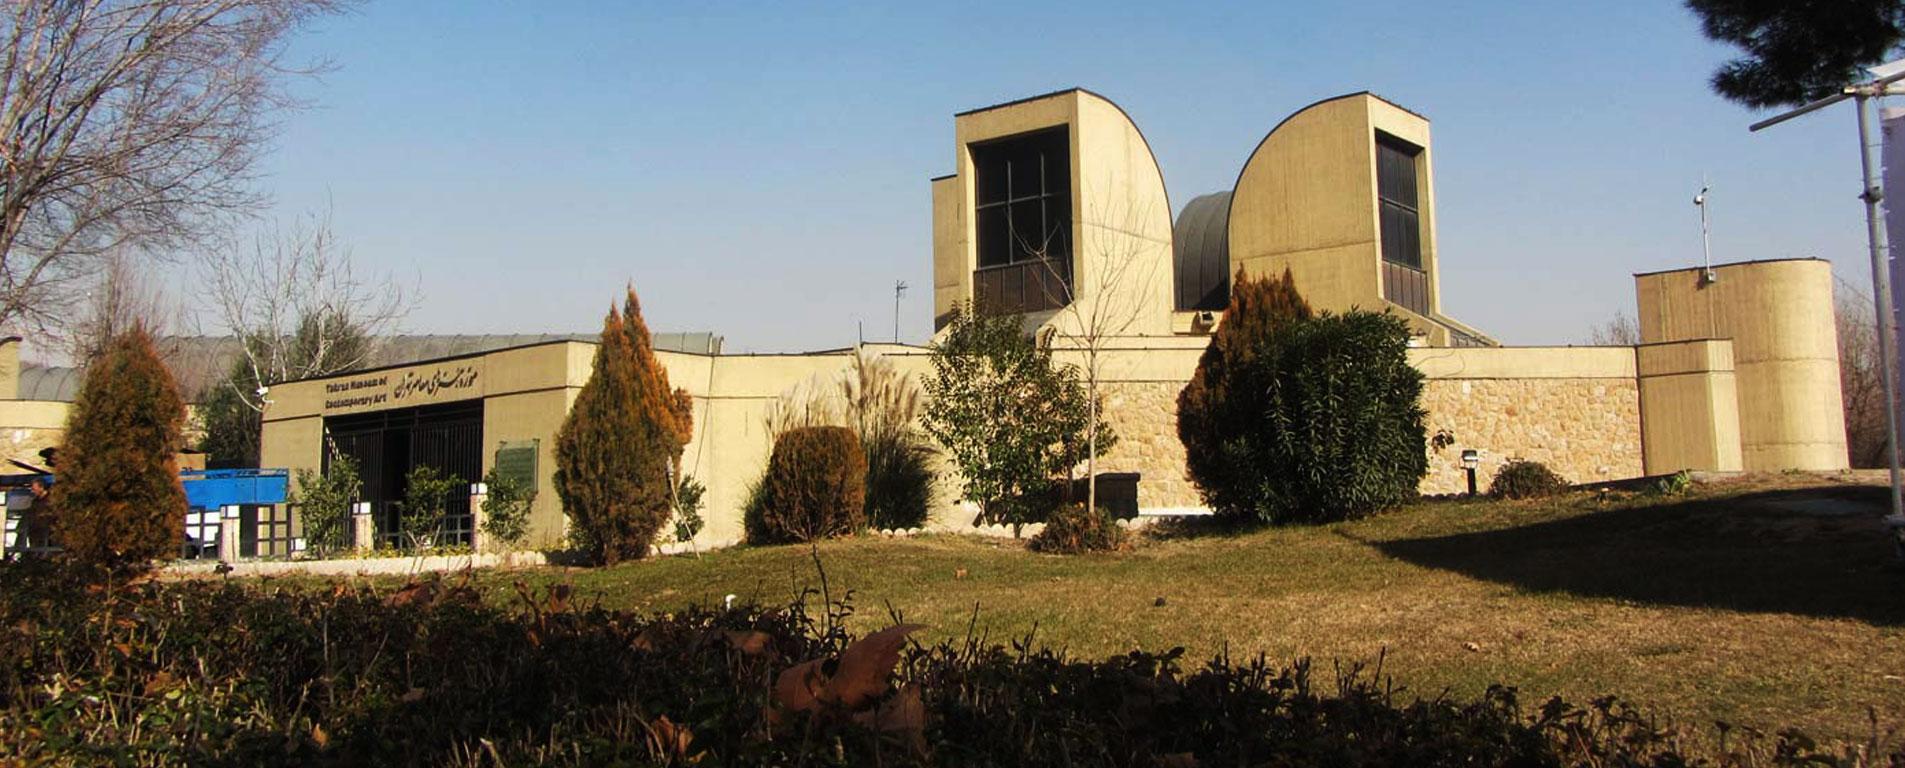 موزه هنرهای معاصر تهران ؛ گنجینهای شگفتانگیز در معرض تماشا